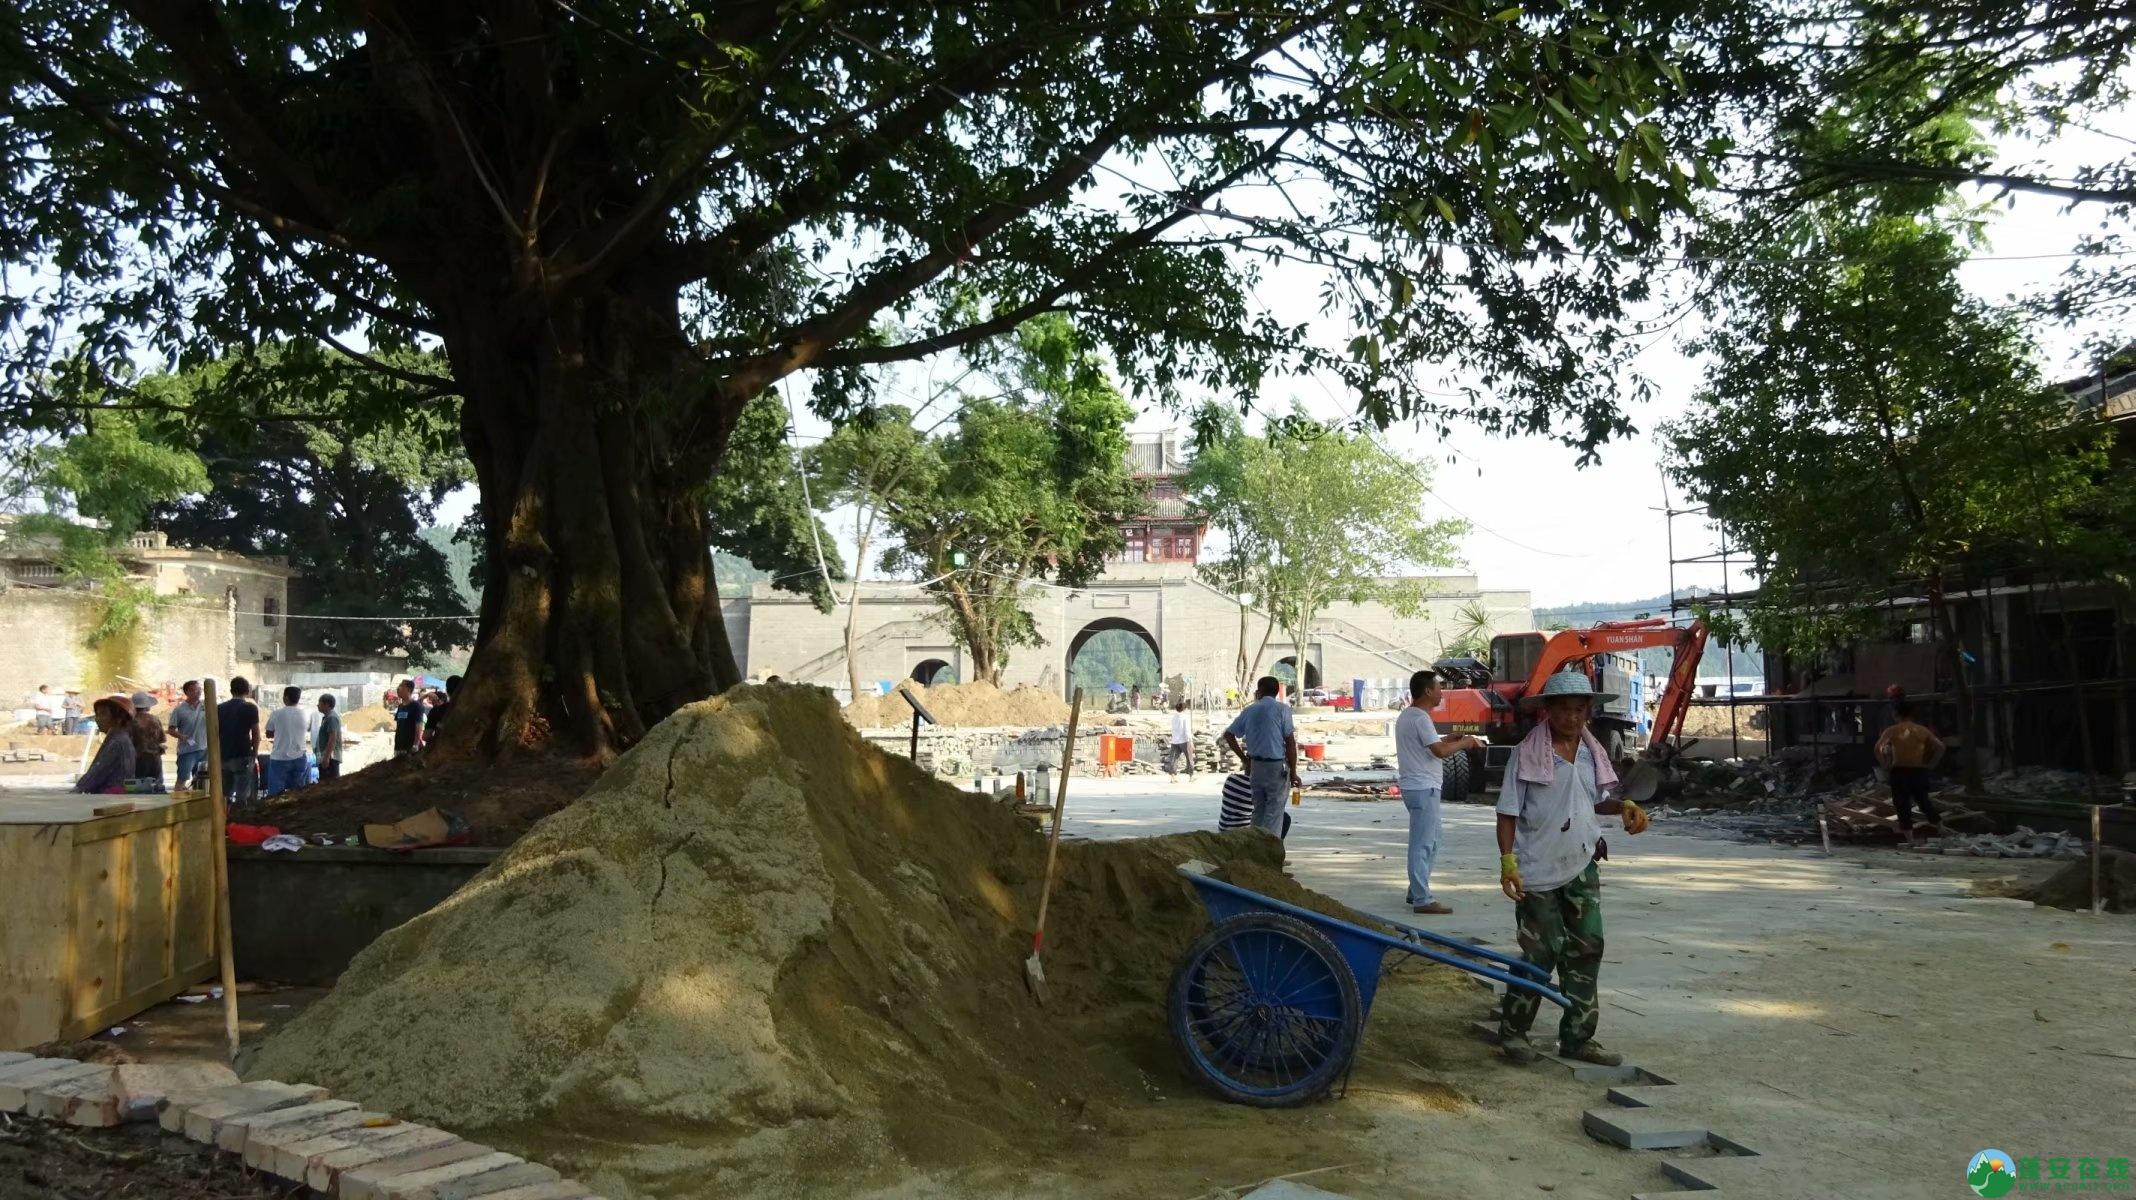 蓬安锦屏相如故城建设迅猛 - 第39张  | 蓬安在线